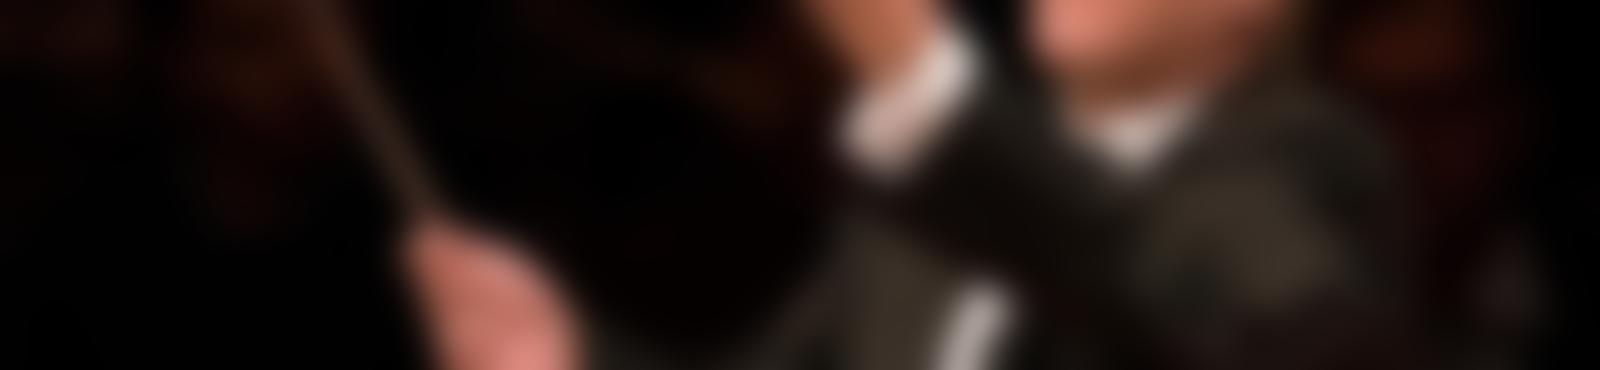 Blurred 3bb74370 69ce 4f84 bf7d aa19cc088356